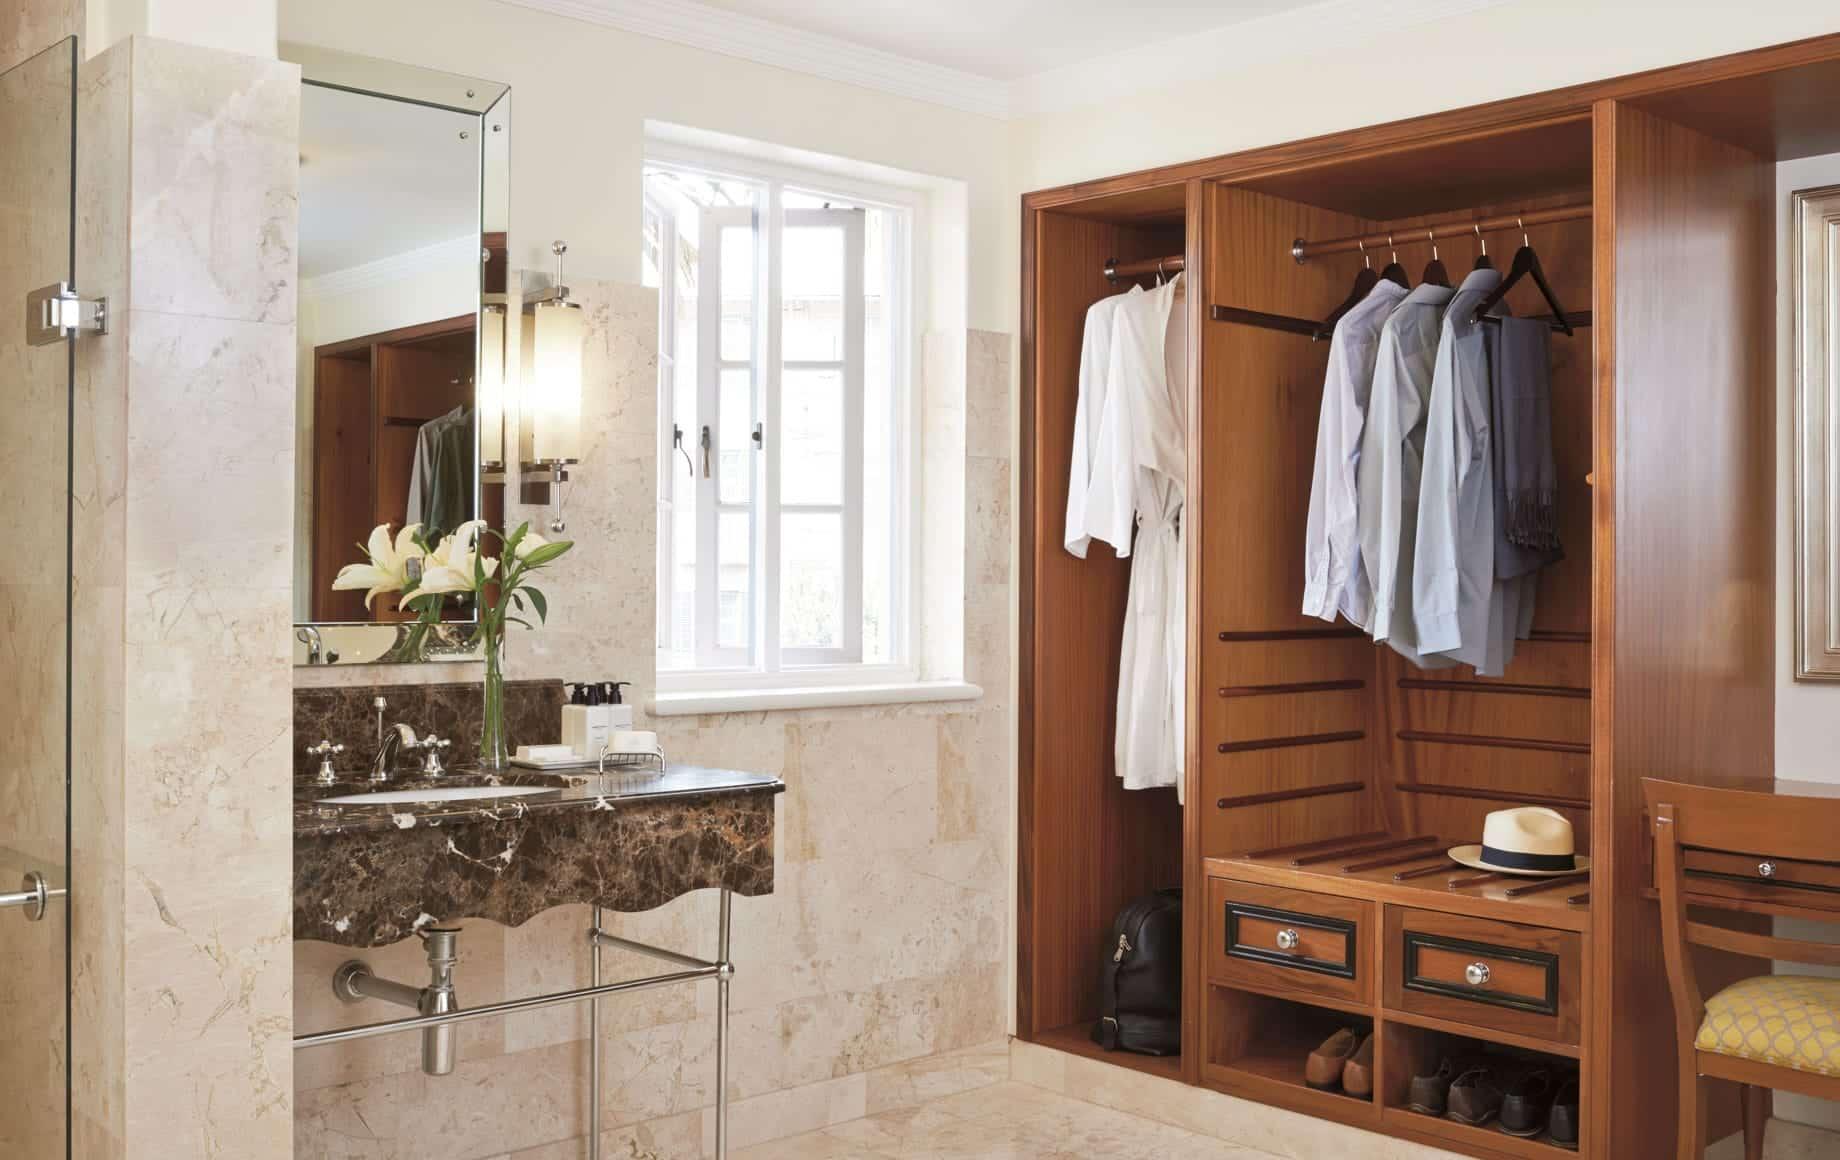 Luxury Bathroom of Belmond Mount Nelson Hotel in Africa